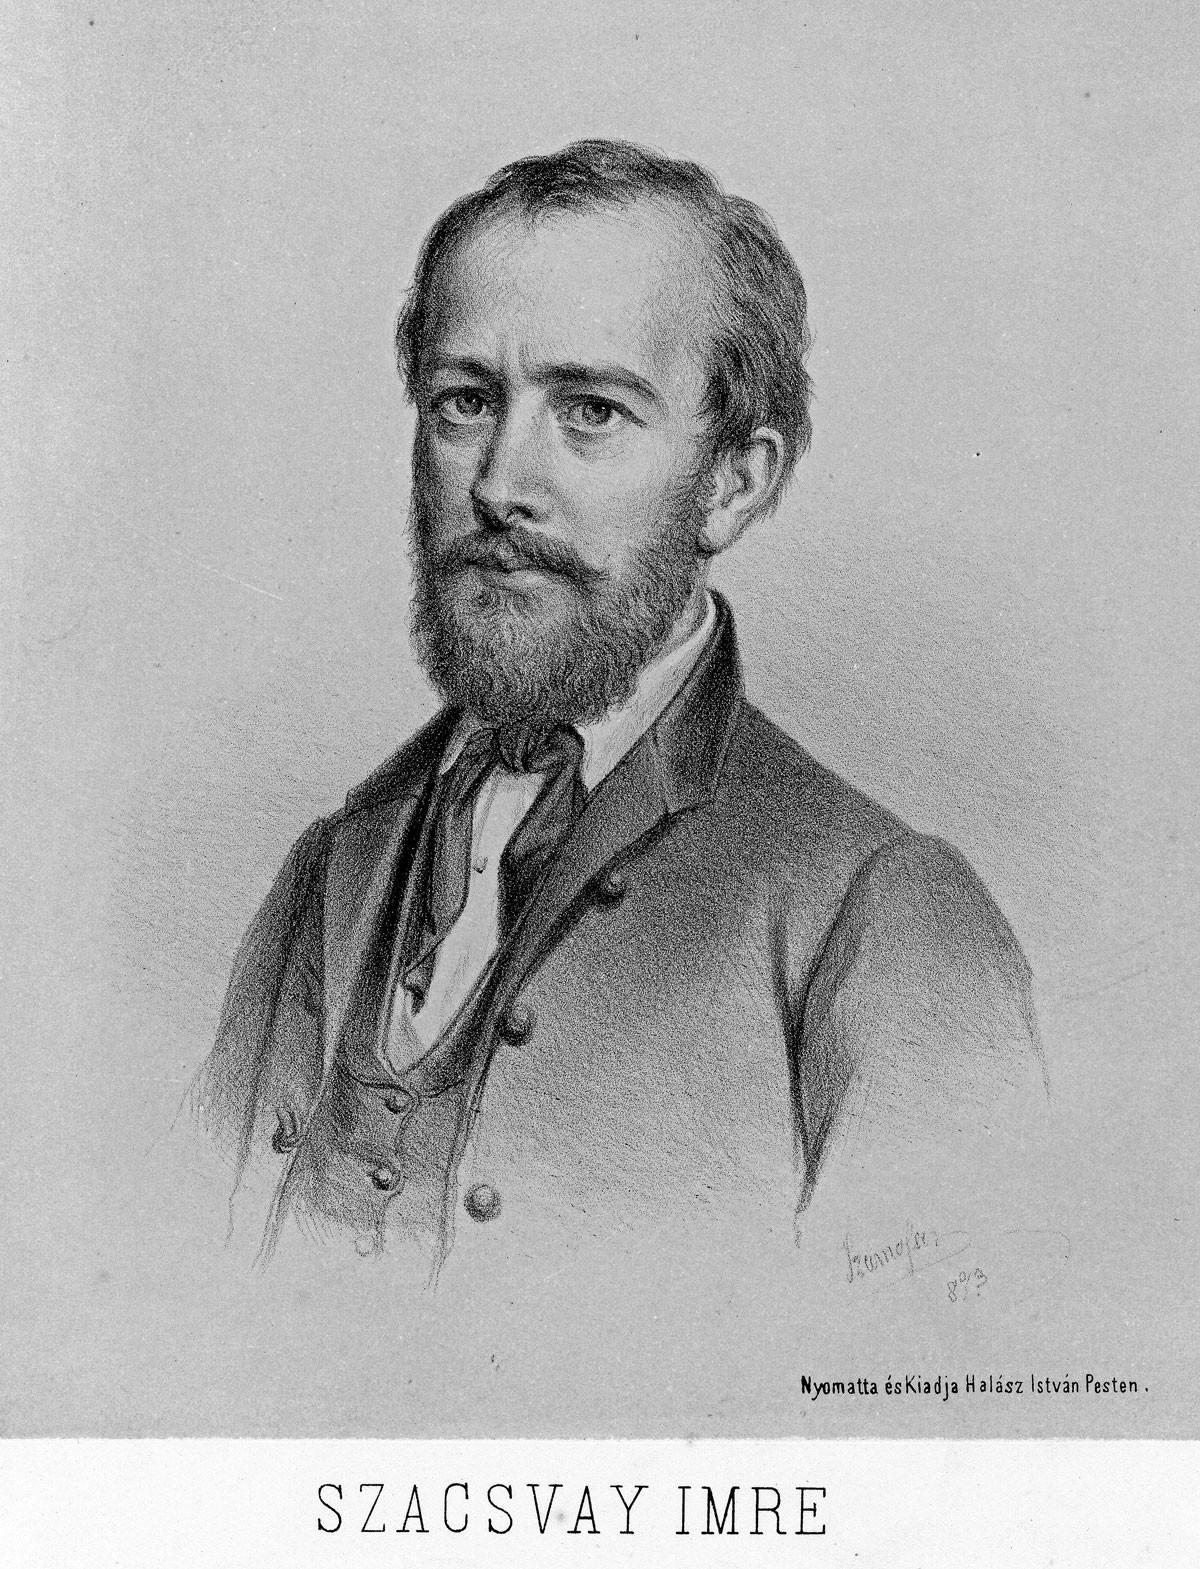 Szacsvay Imre portréja, Szamossy Elek litográfiája, 1873, ltsz.: 54.1240